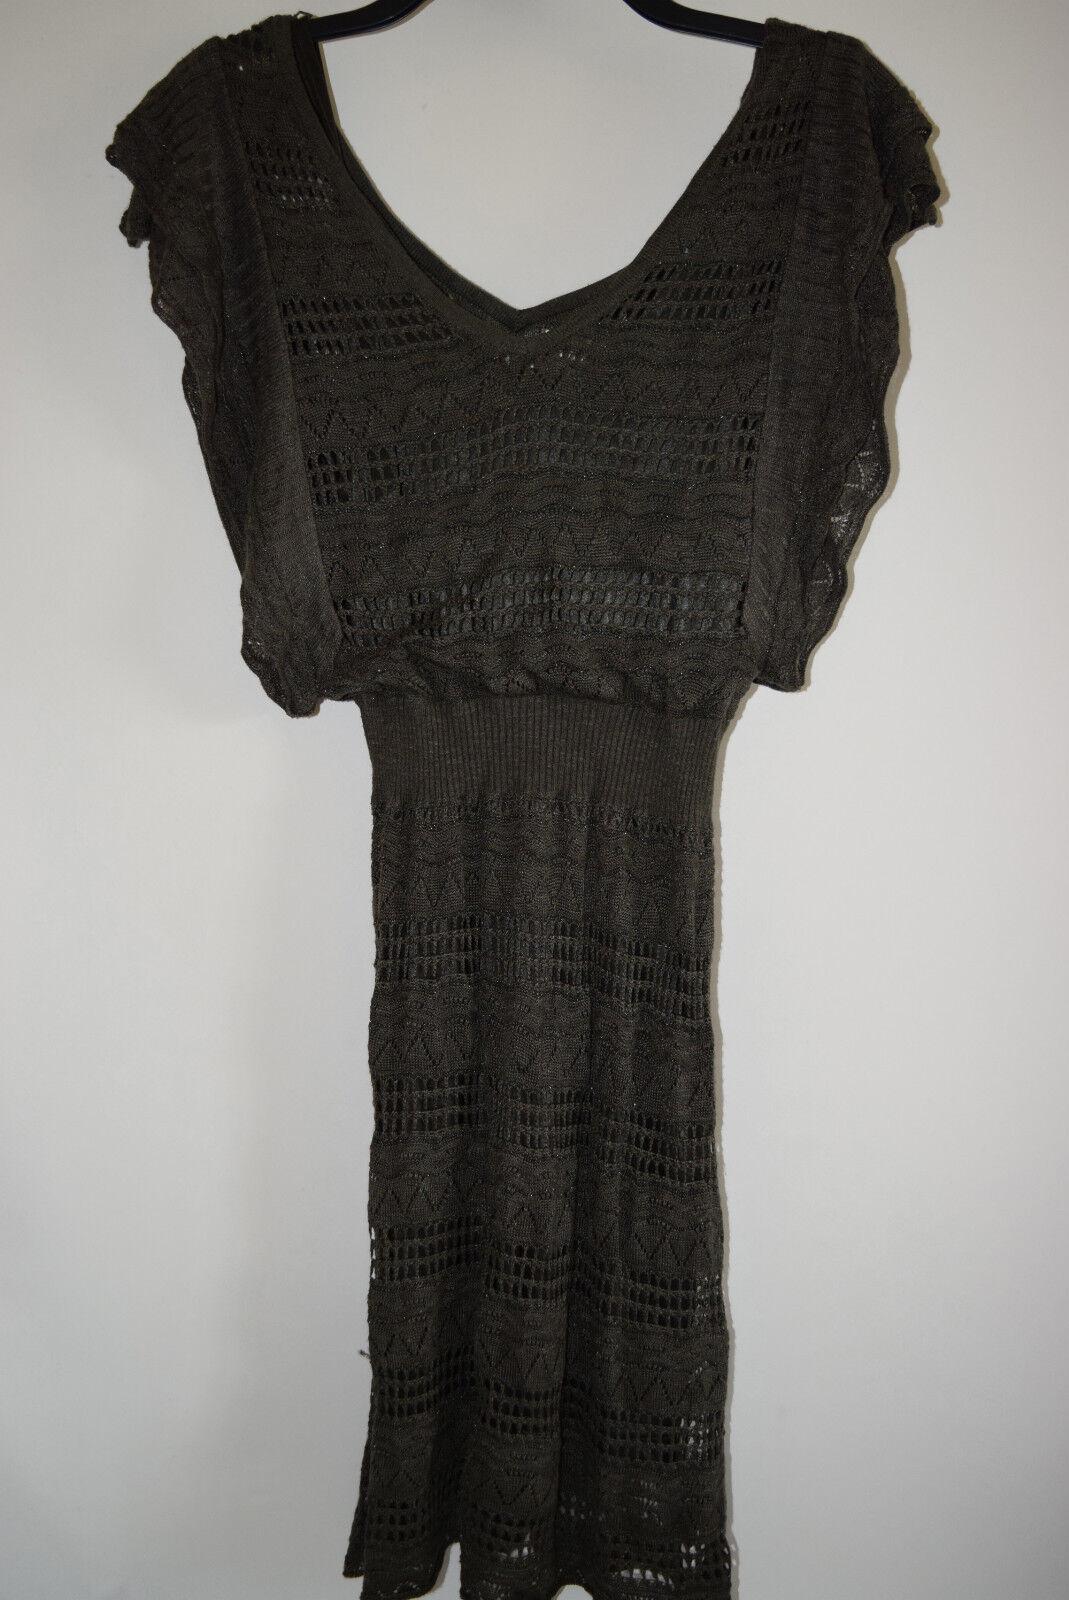 NWOT GUESS MARCIANO Womens Knit Sweater Dress Tunic Ruffle Green Metallic XS 2